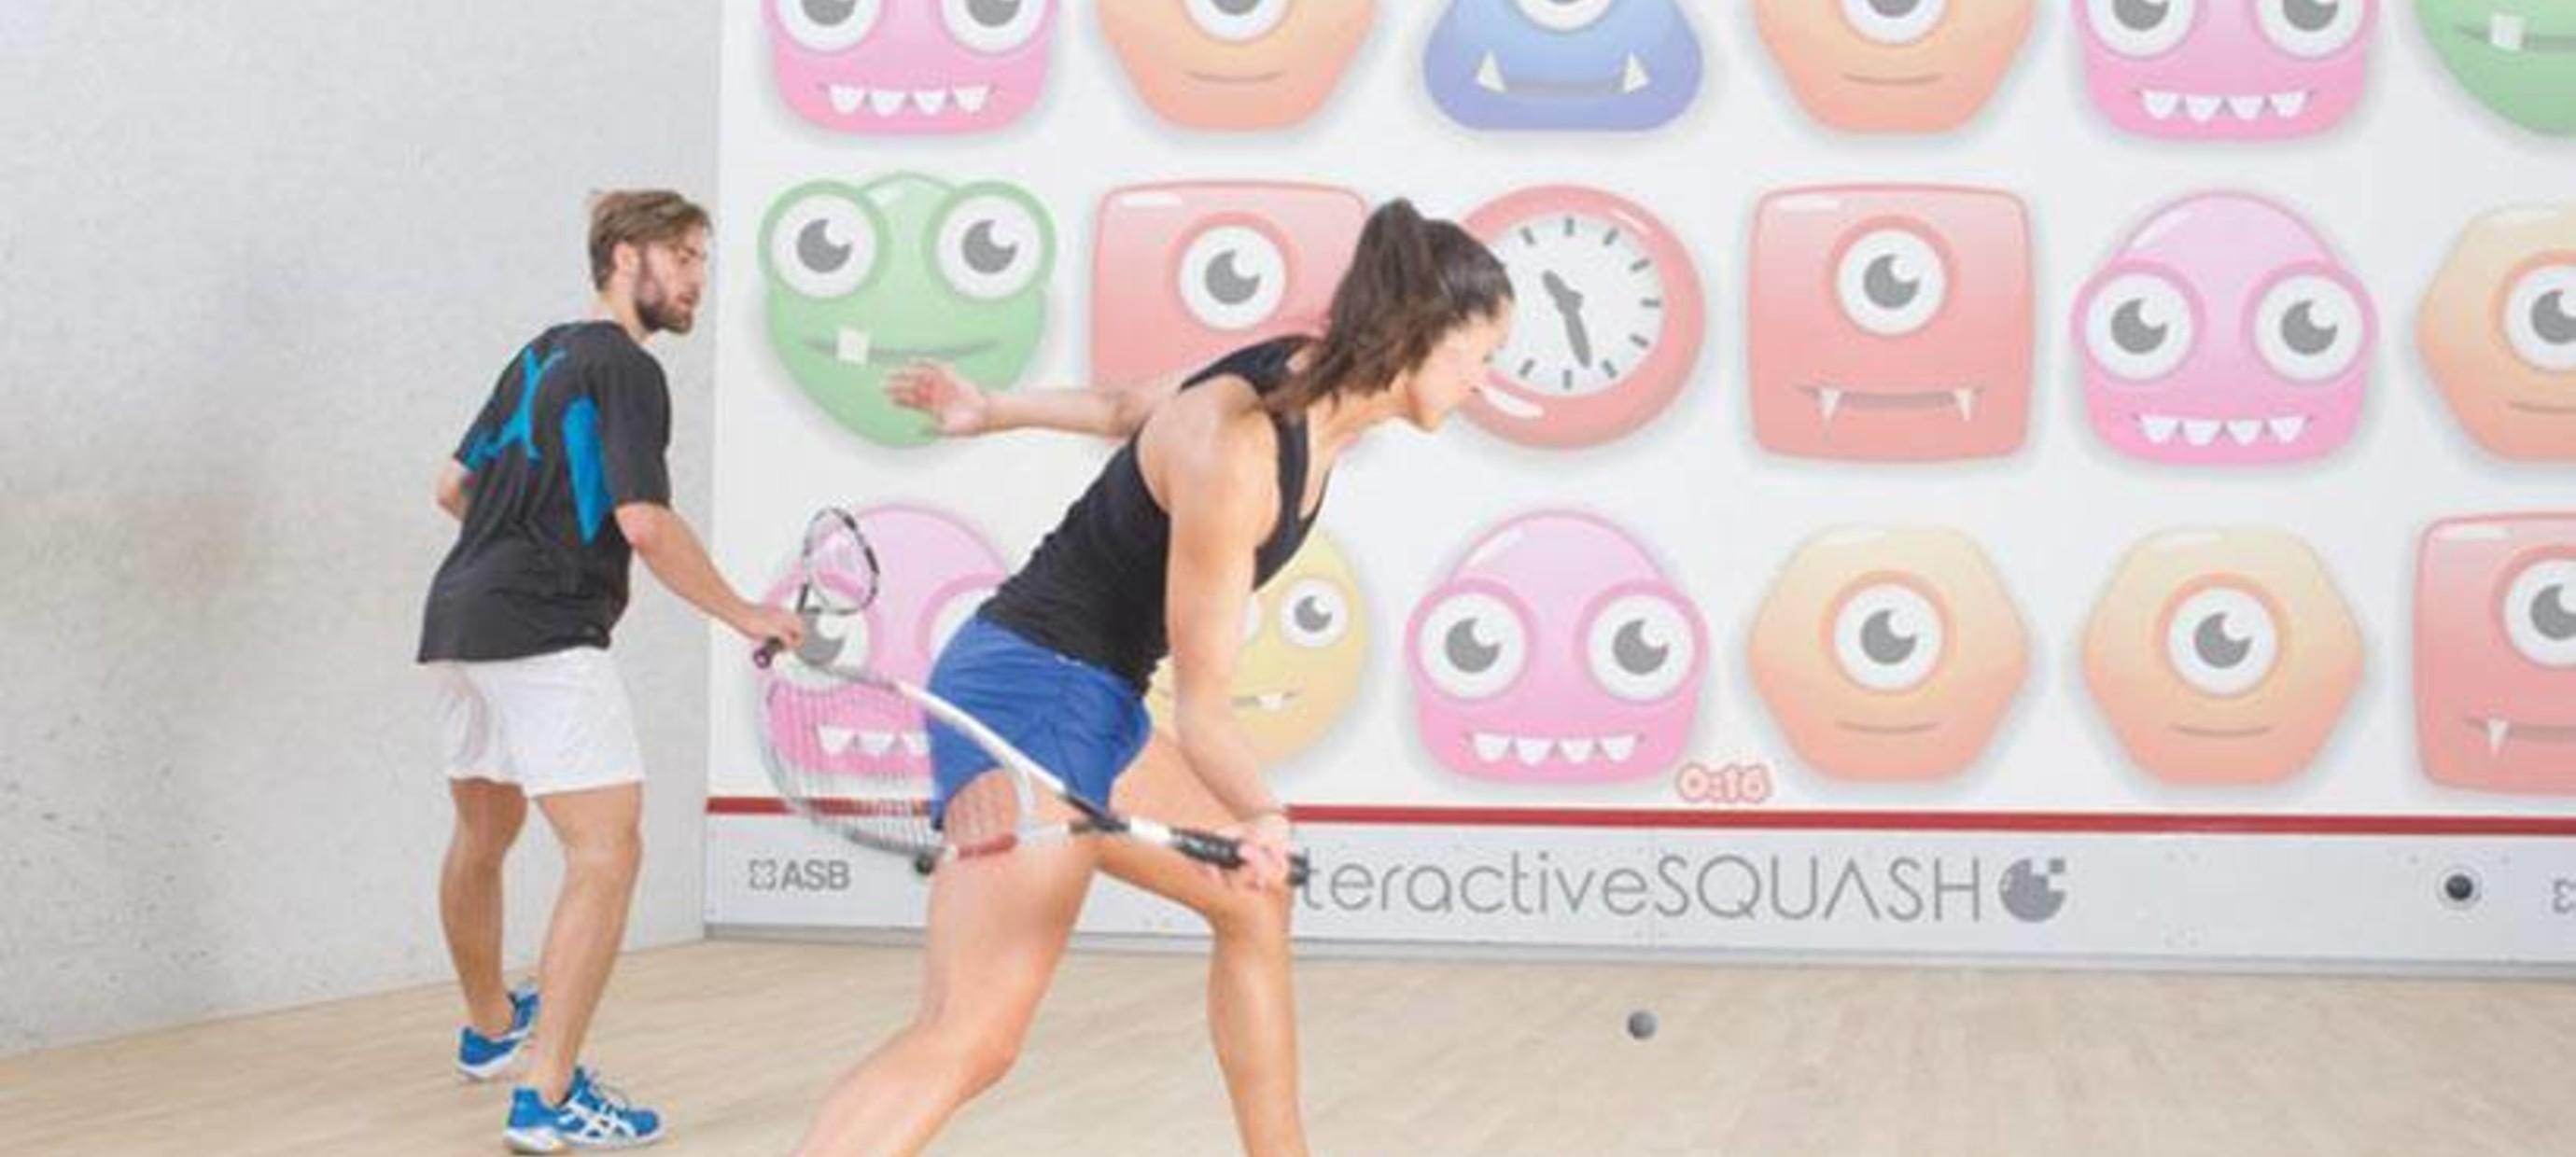 Eerste interactieve squashbaan in Nederland geopend